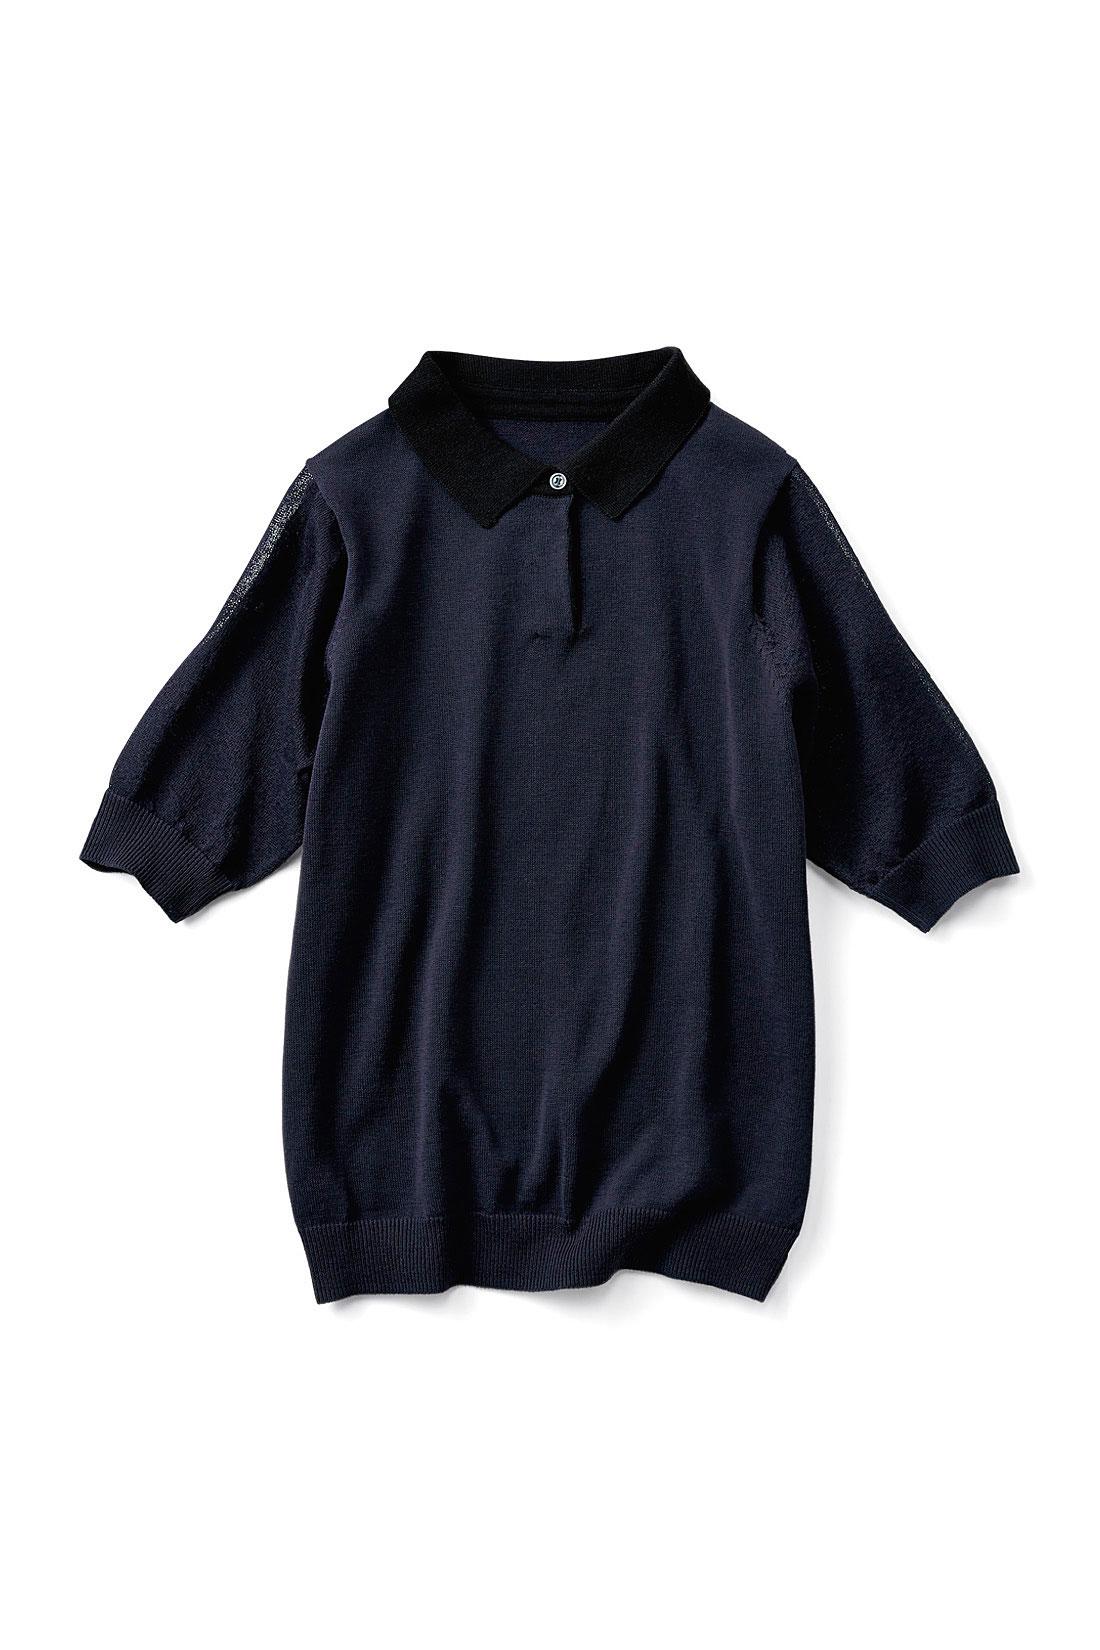 ポロシャツに透かし編みの袖をドッキング。一枚で今っぽくエレガントに決まります。